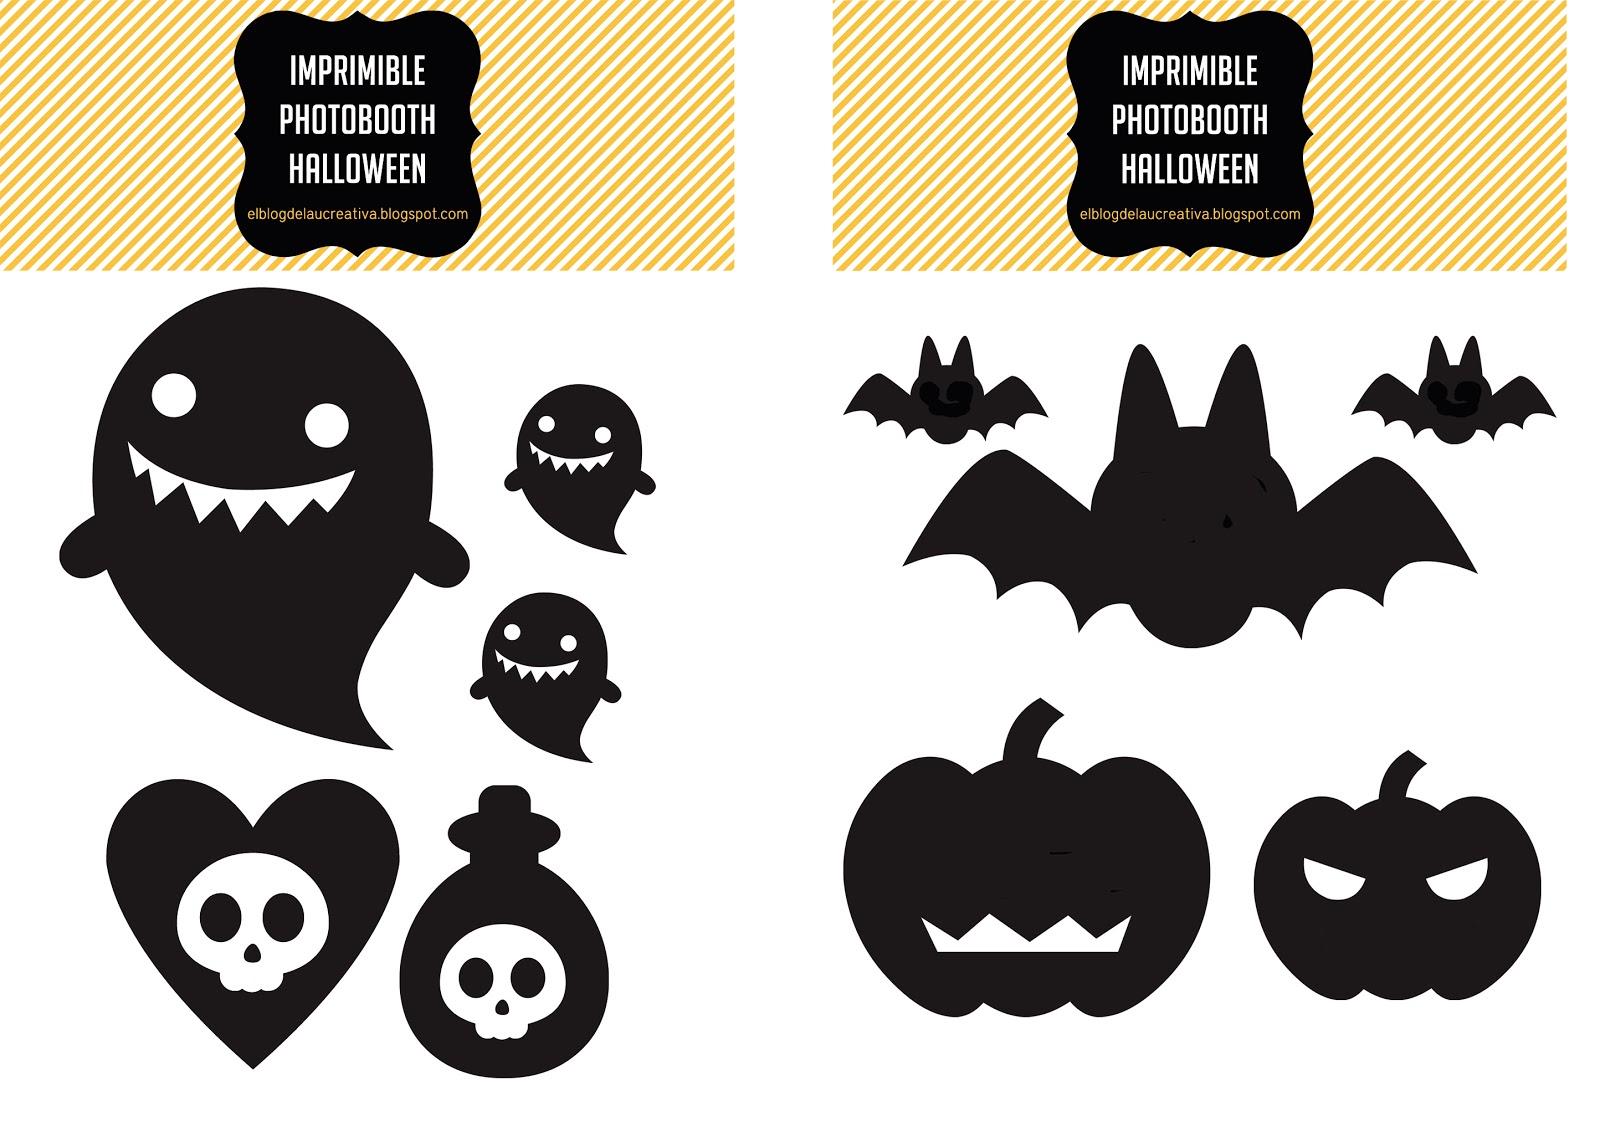 Desesperation manualidades decoracion halloween - Decoracion calabazas para halloween ...